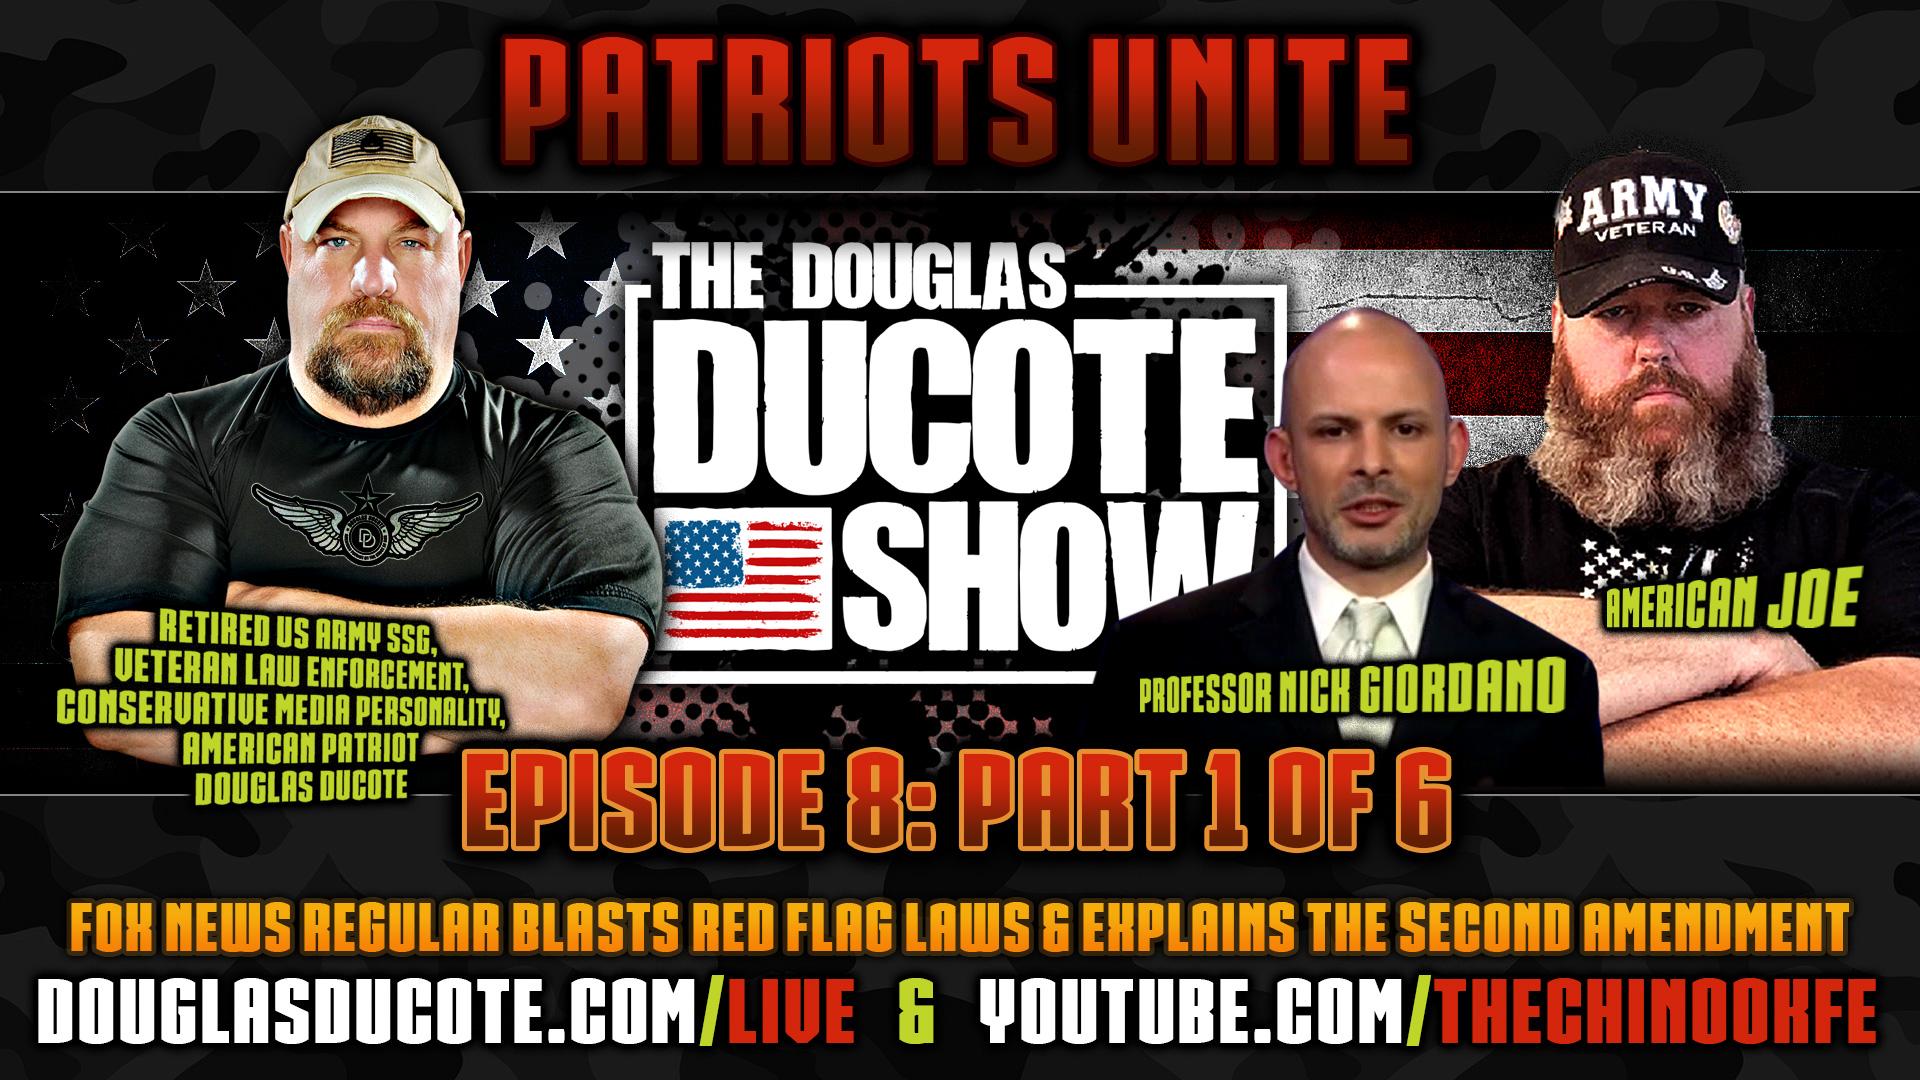 TDDS-Episode-8-Part-1-of-6-American-Joe-Professor-Nick